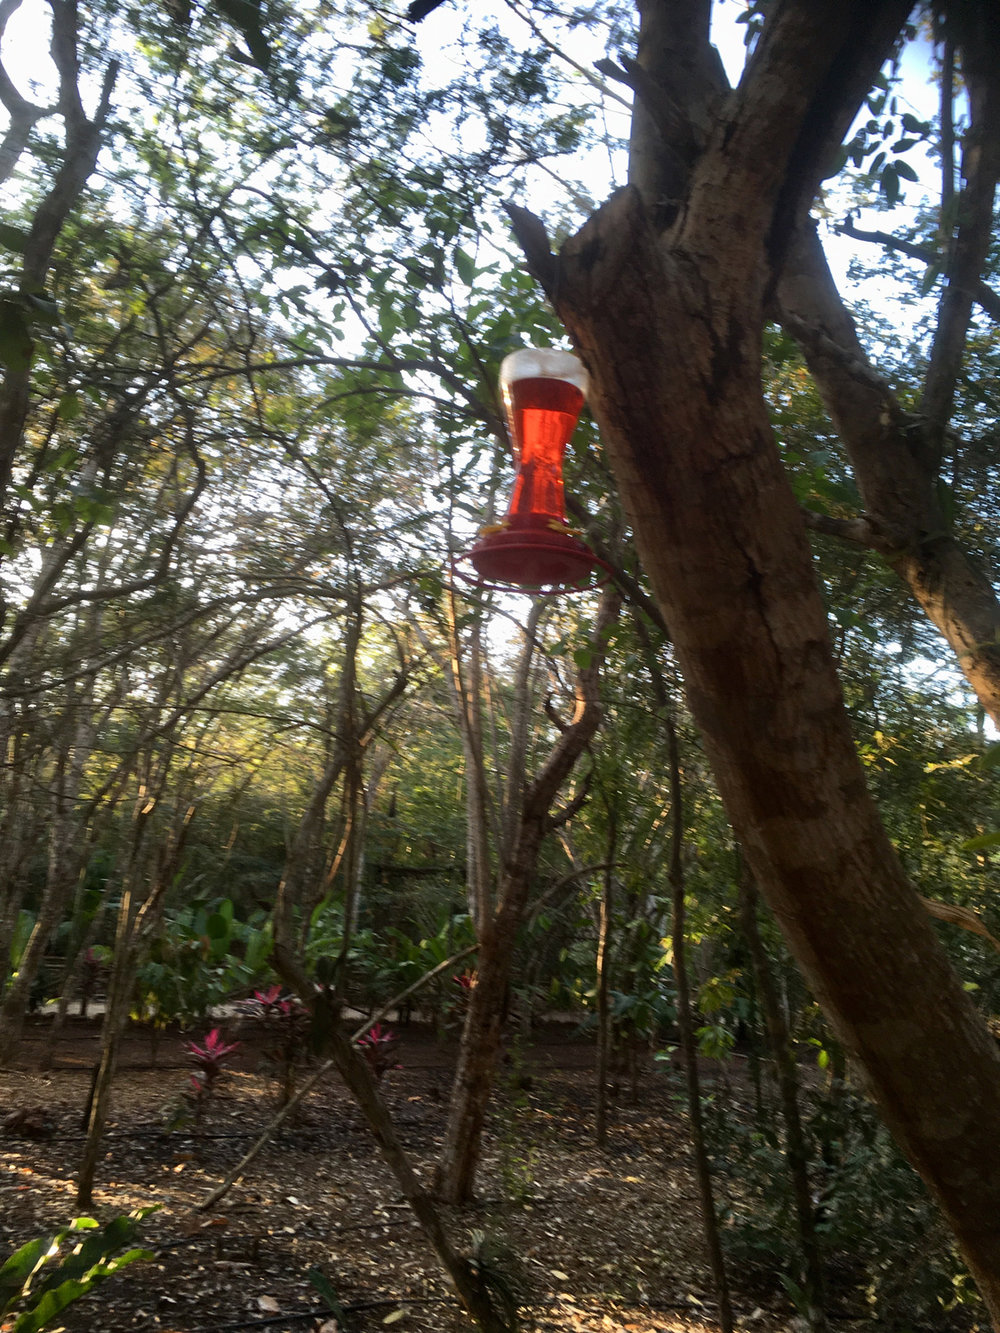 Hammocks_and_Ruins_Riviera_Maya_Mexico_Explore_What_to_Do_Yucatan_Hammocks_Ruins_Choco_story_Uxmal_14.jpg